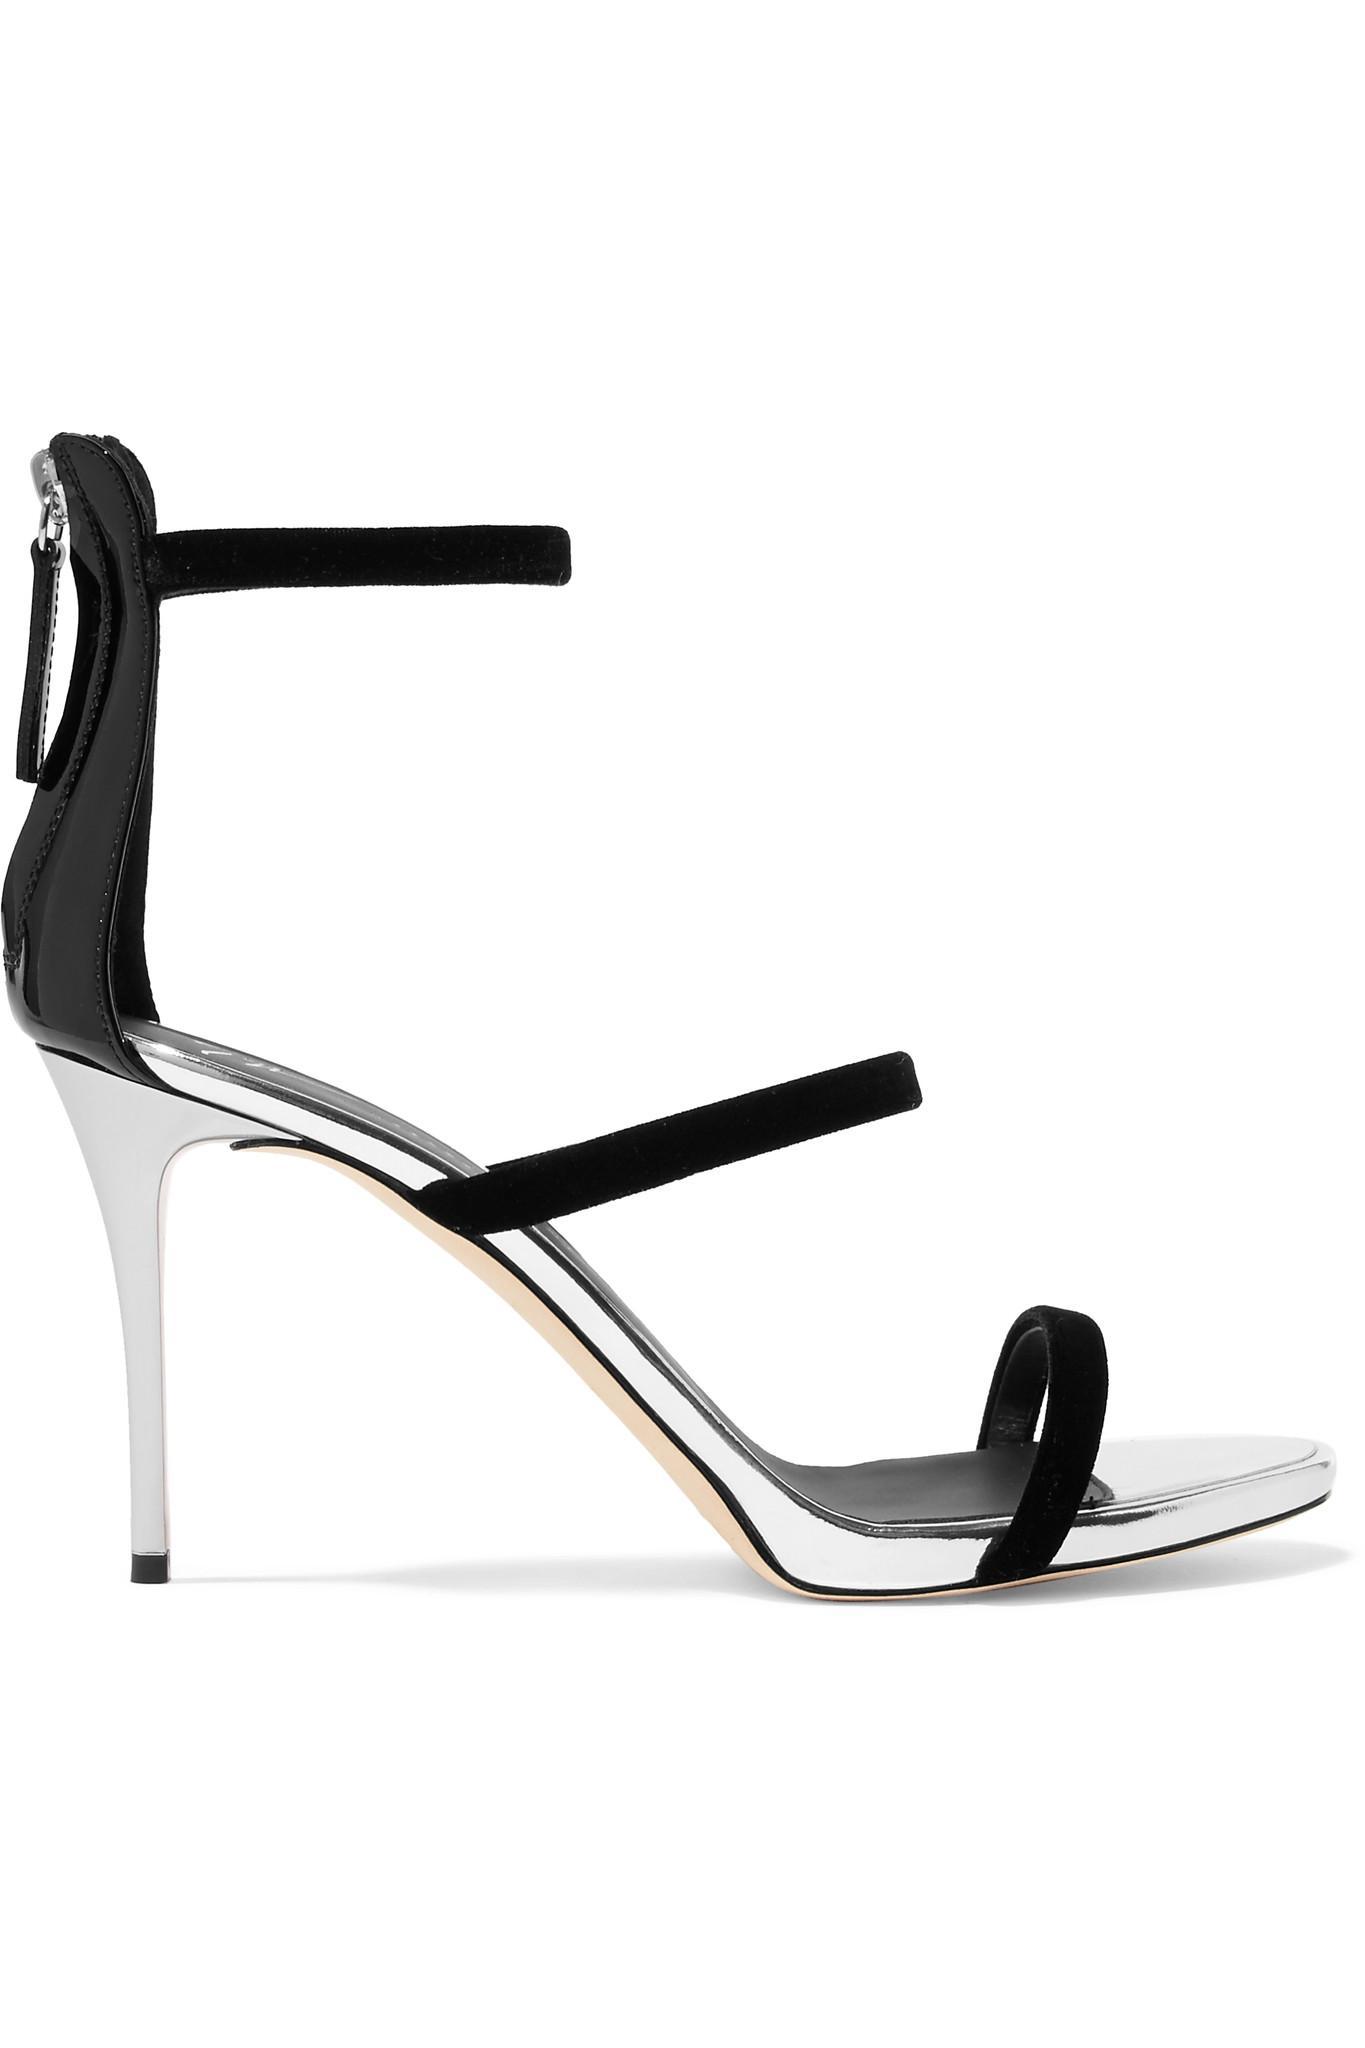 a45f925686d Lyst - Giuseppe Zanotti Alien Metallic Leather And Velvet Sandals in ...